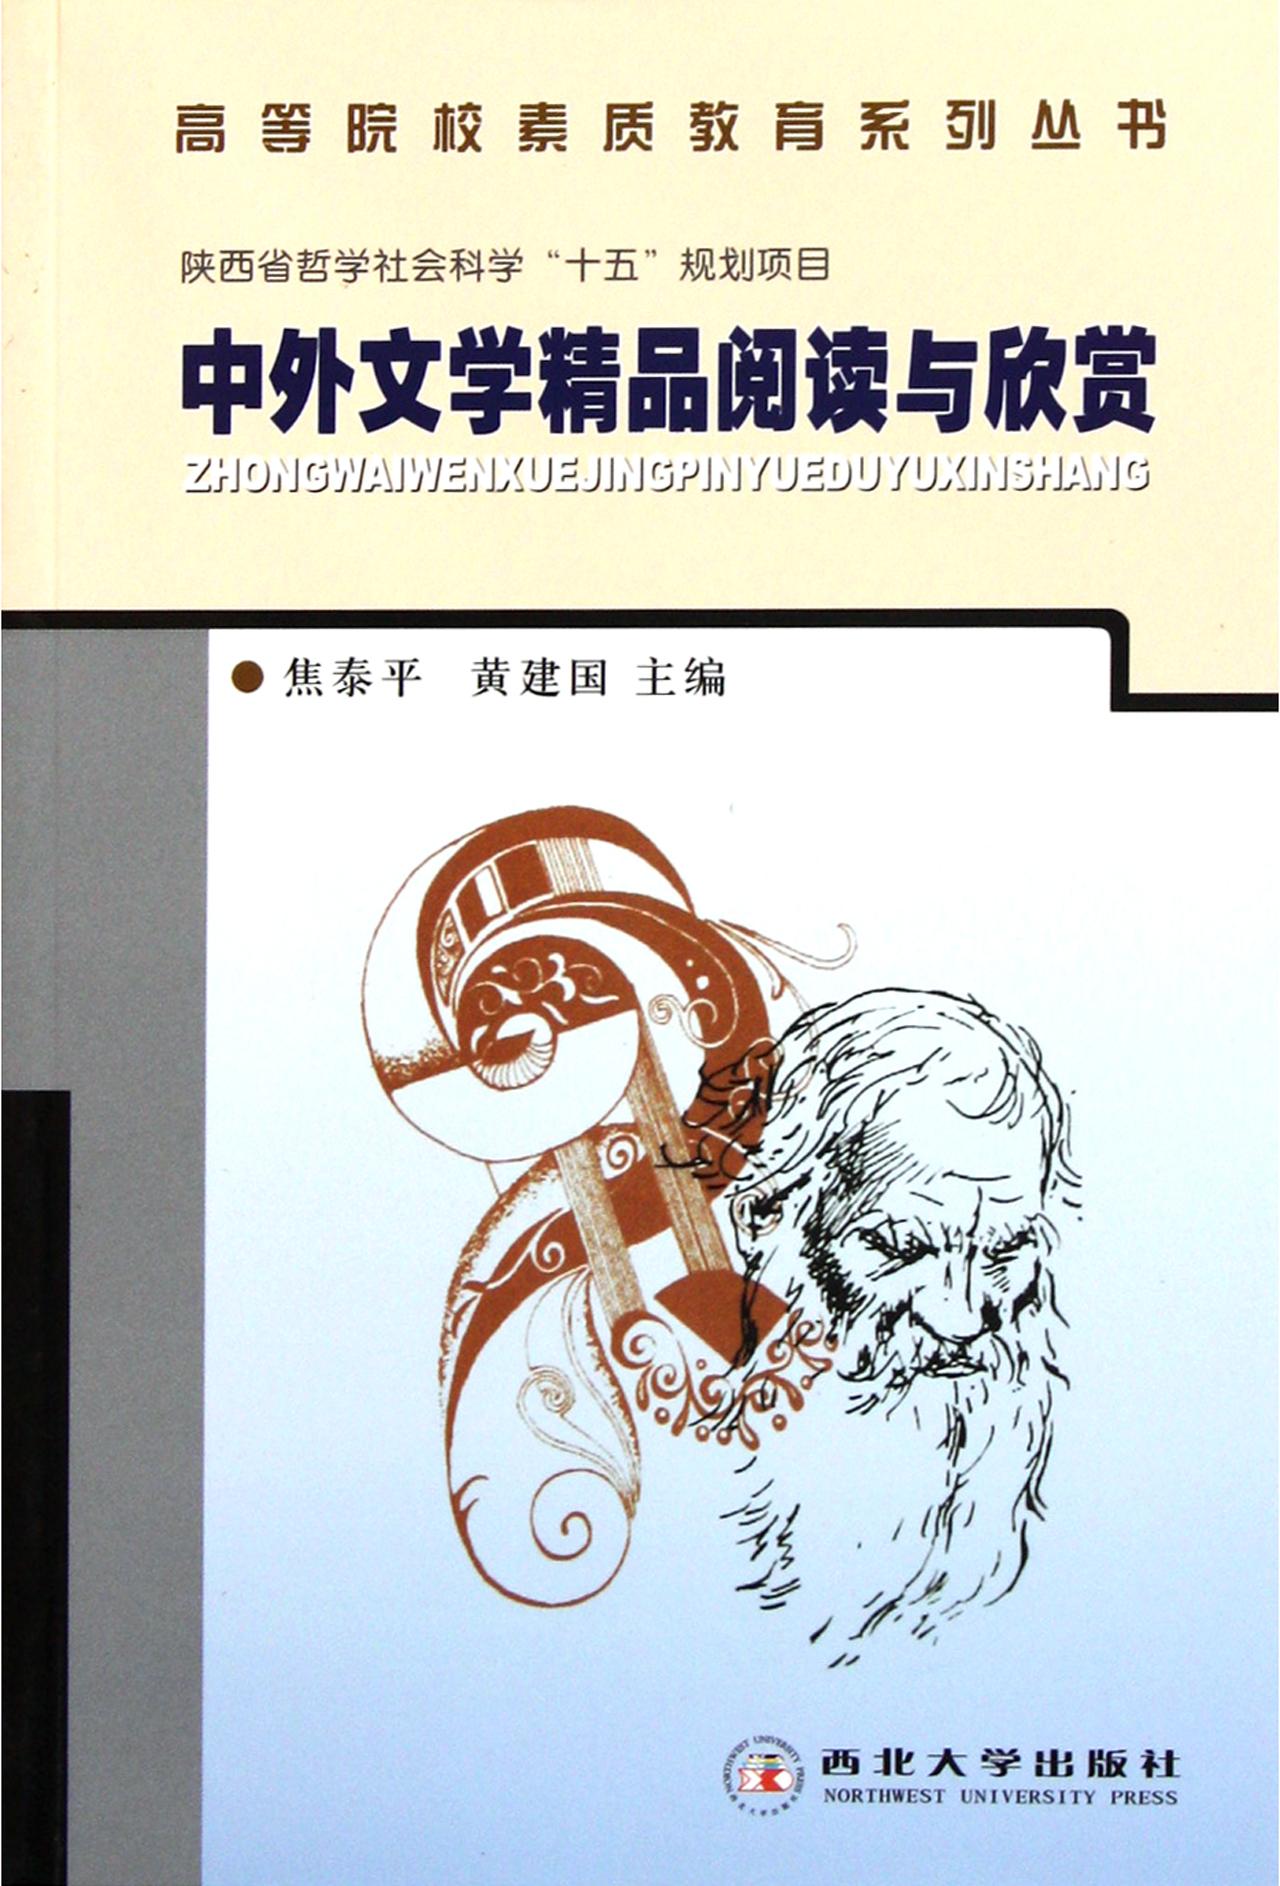 中外文學精品閱讀與欣